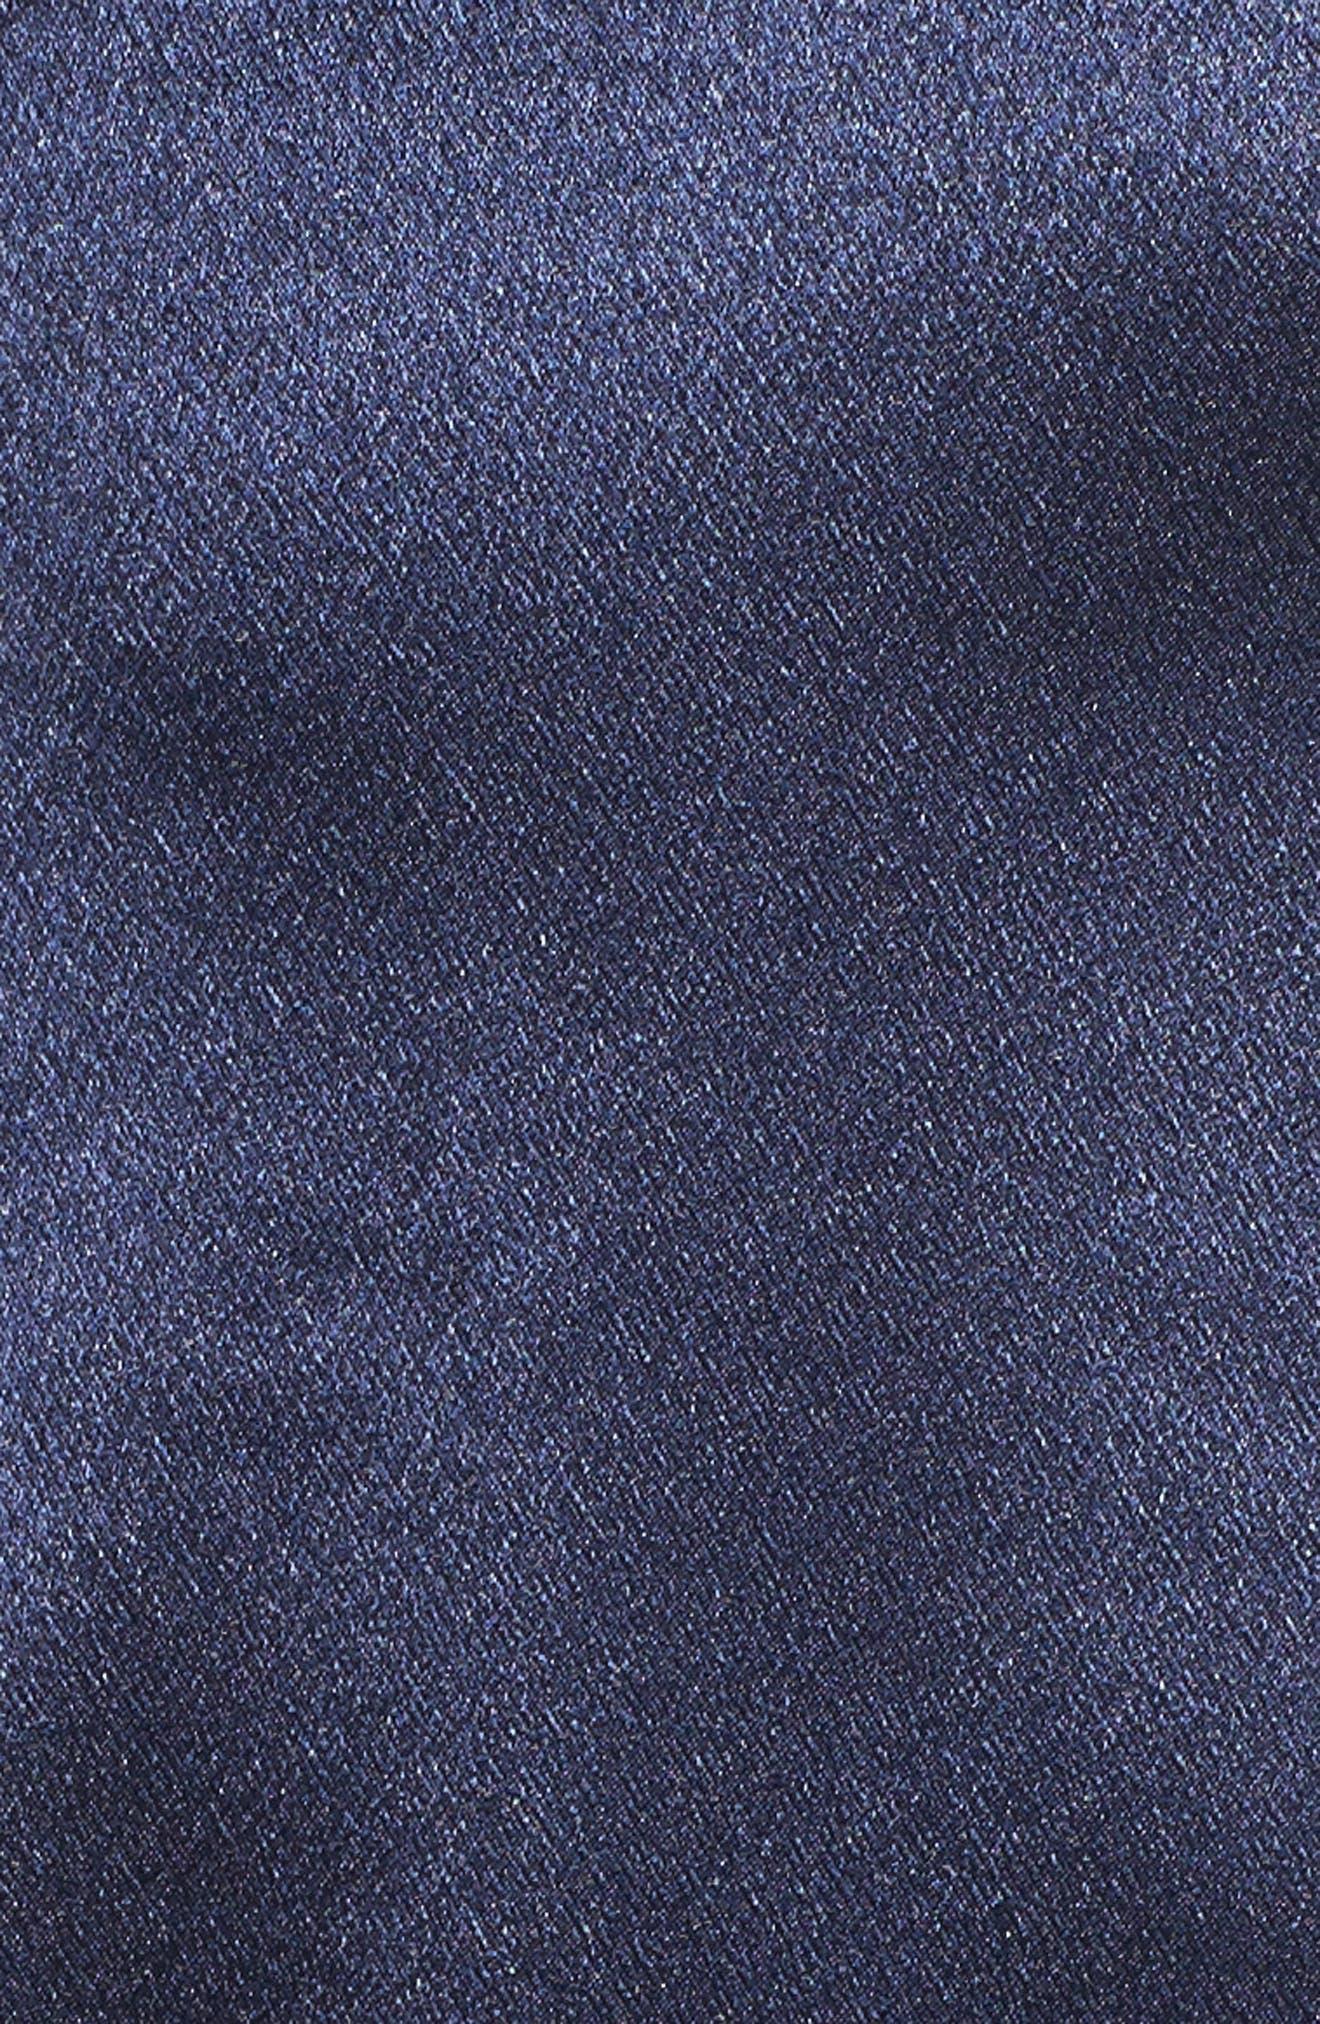 Bridge Maxi Dress,                             Alternate thumbnail 5, color,                             400